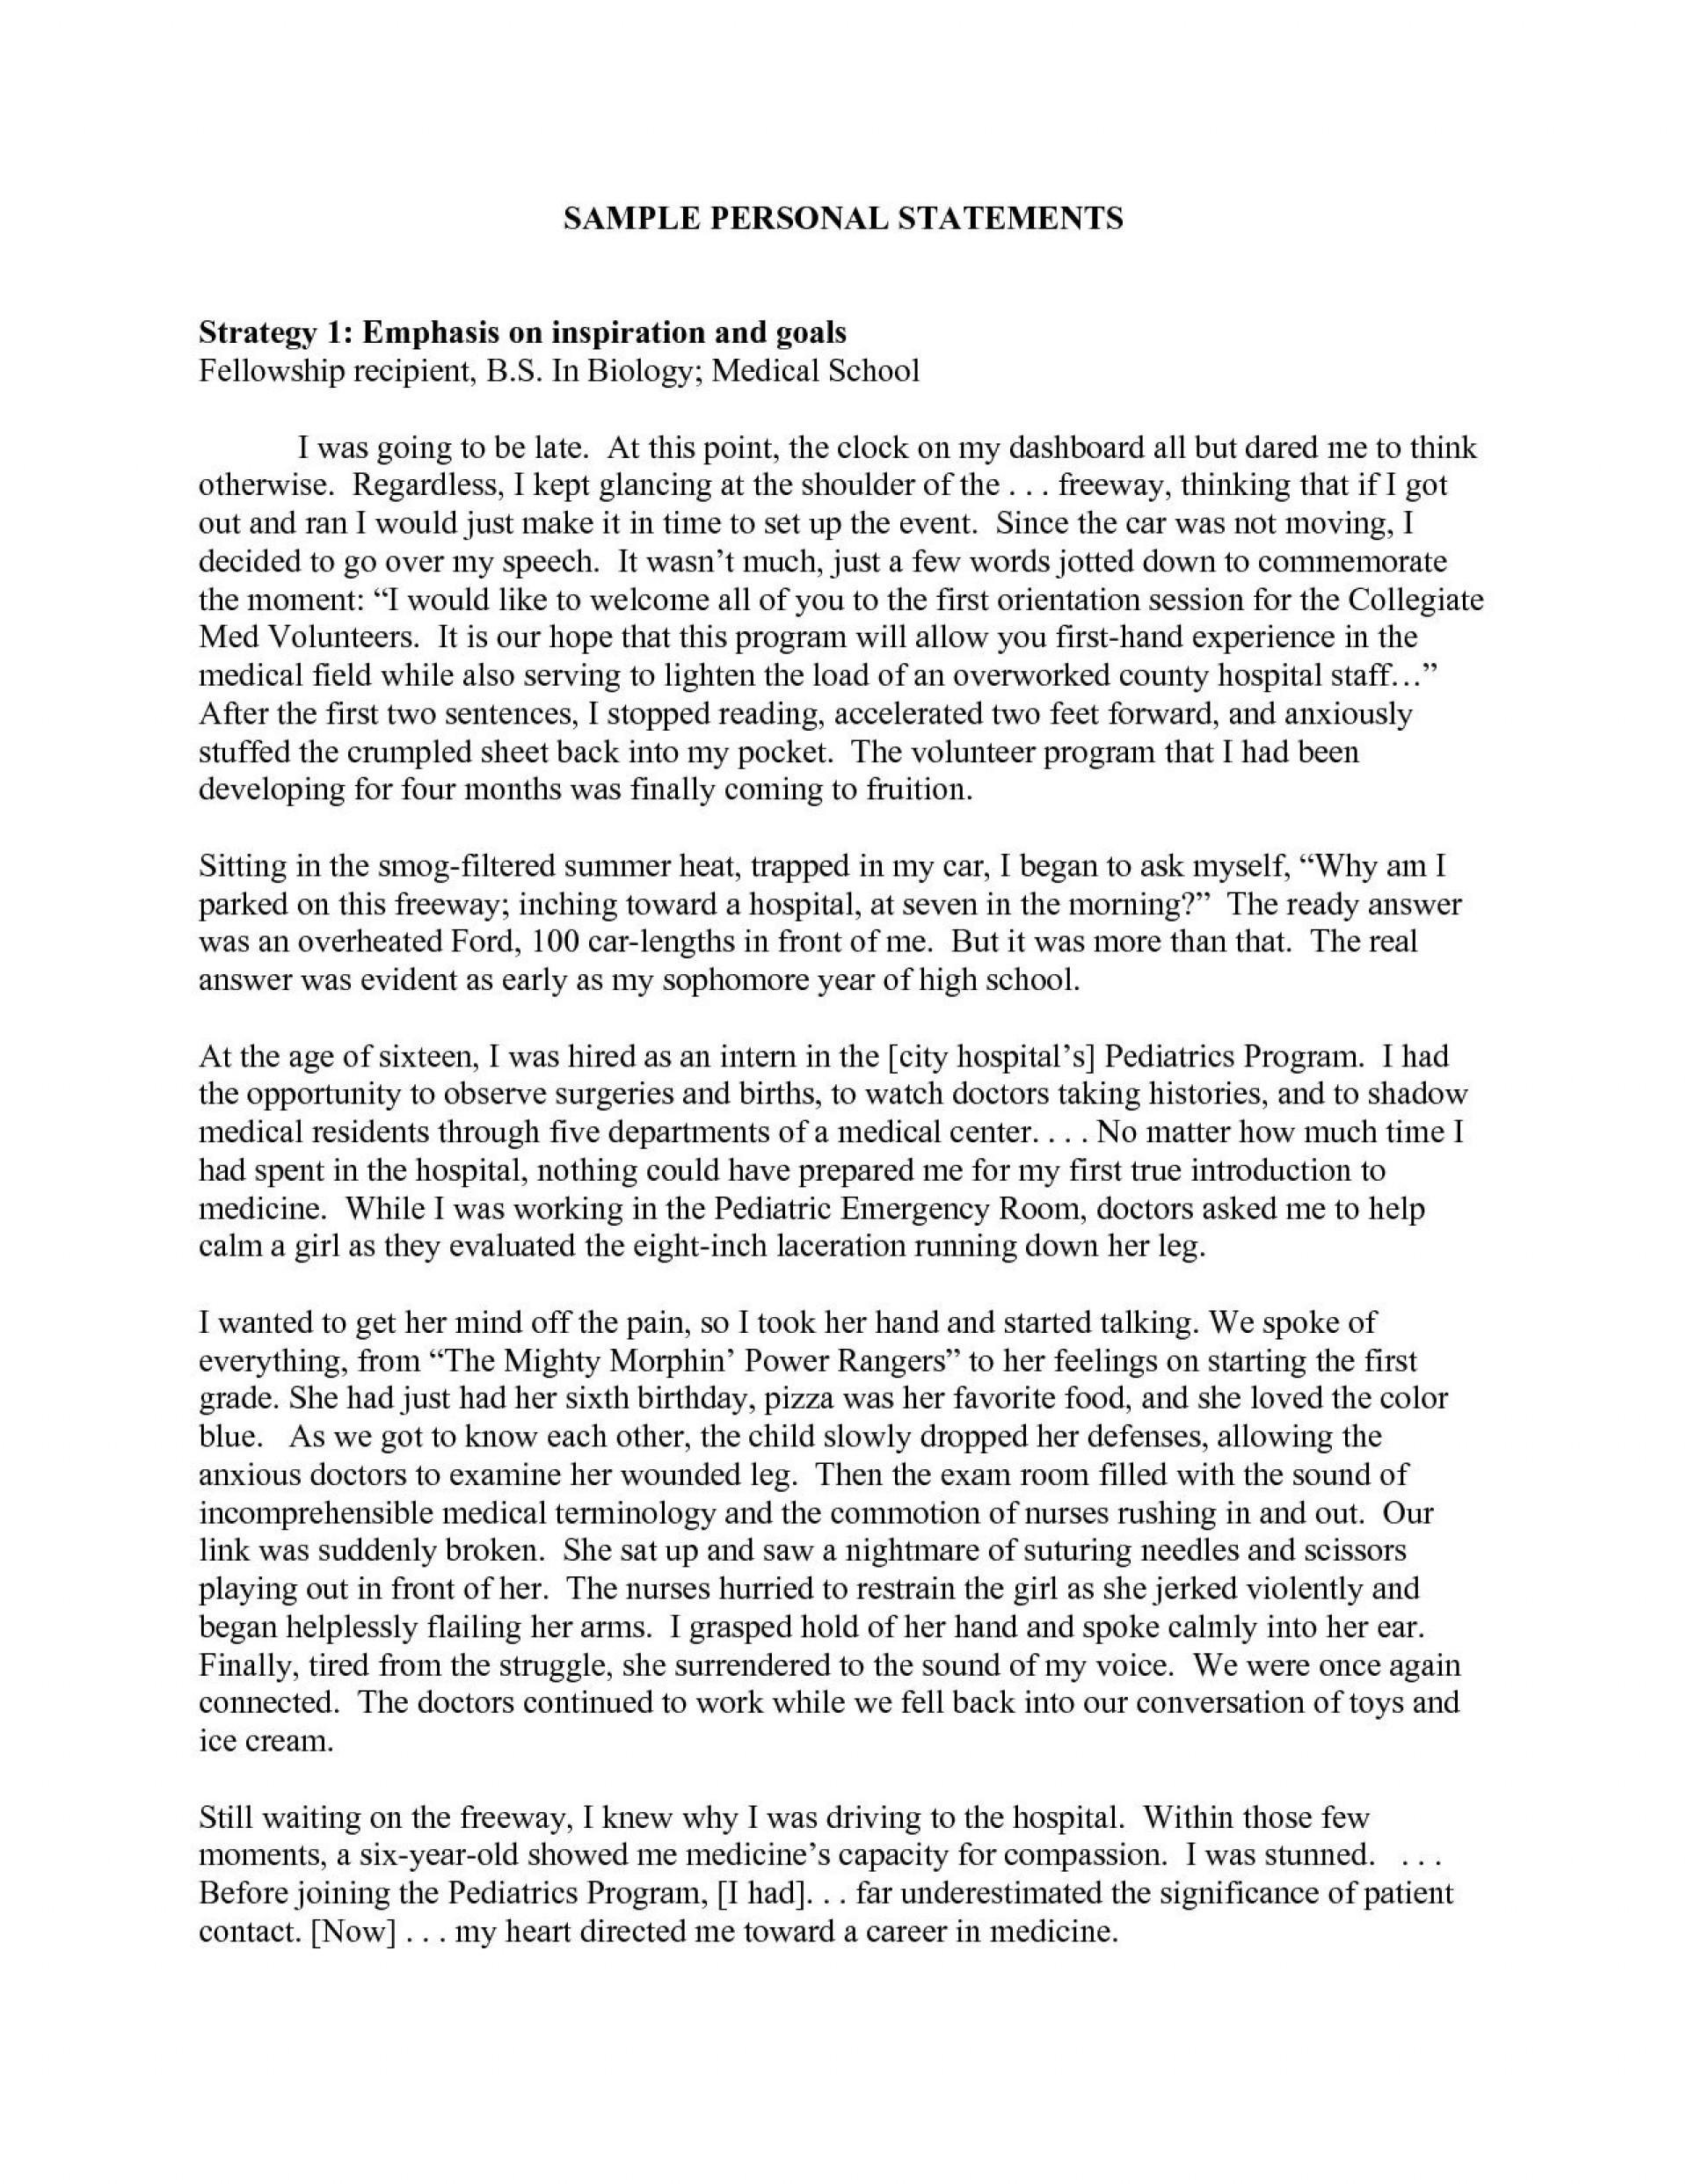 Essay for internship